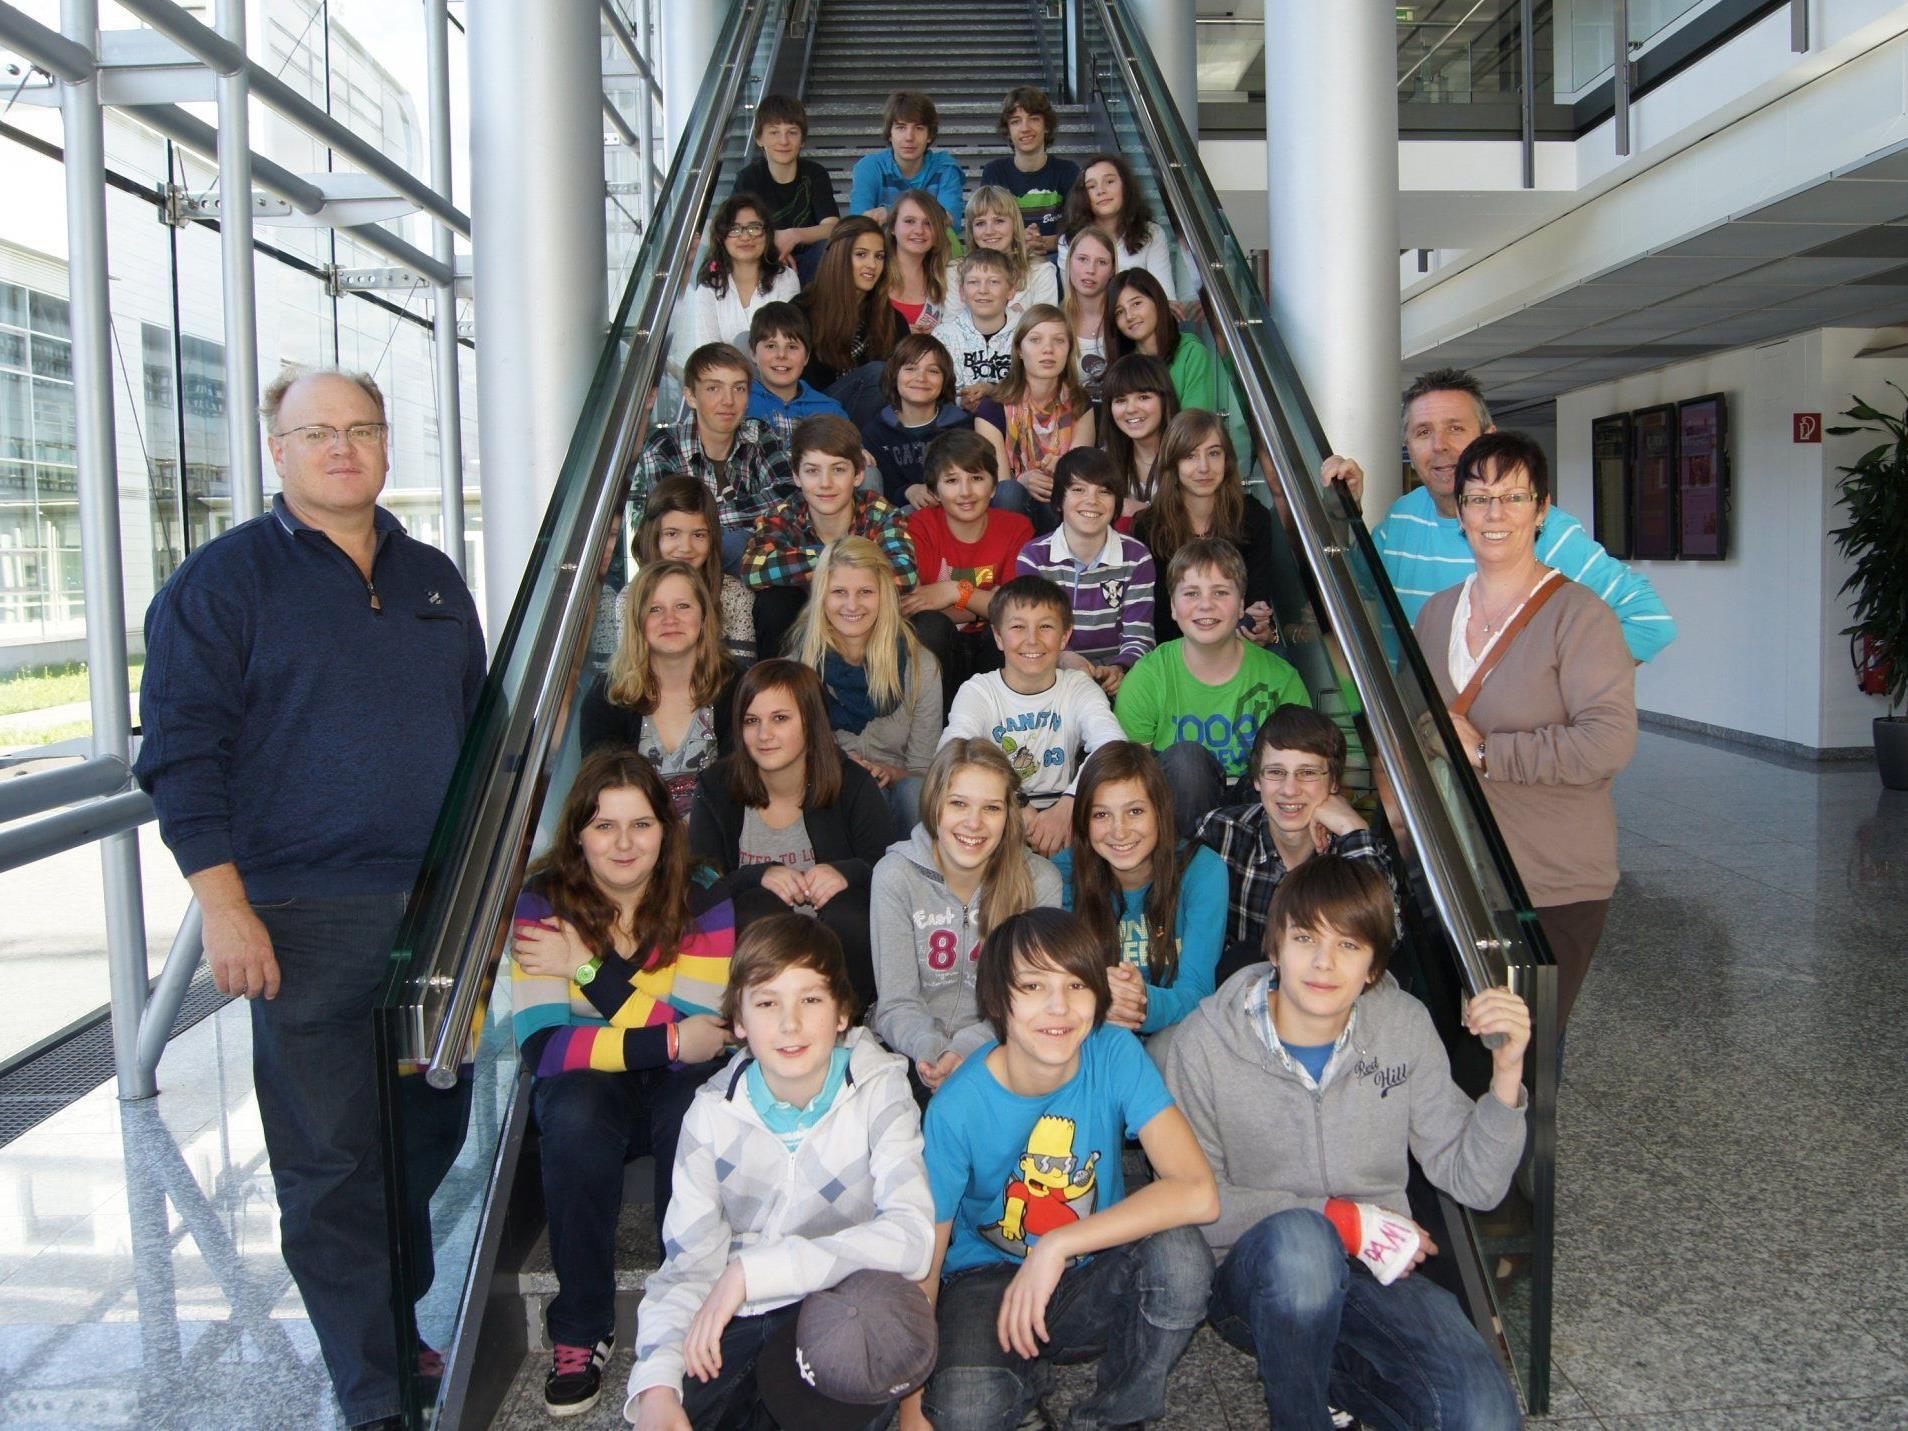 Schülerinnen und Schüler der VMS Klostertal zu Besuch im Medienhaus.